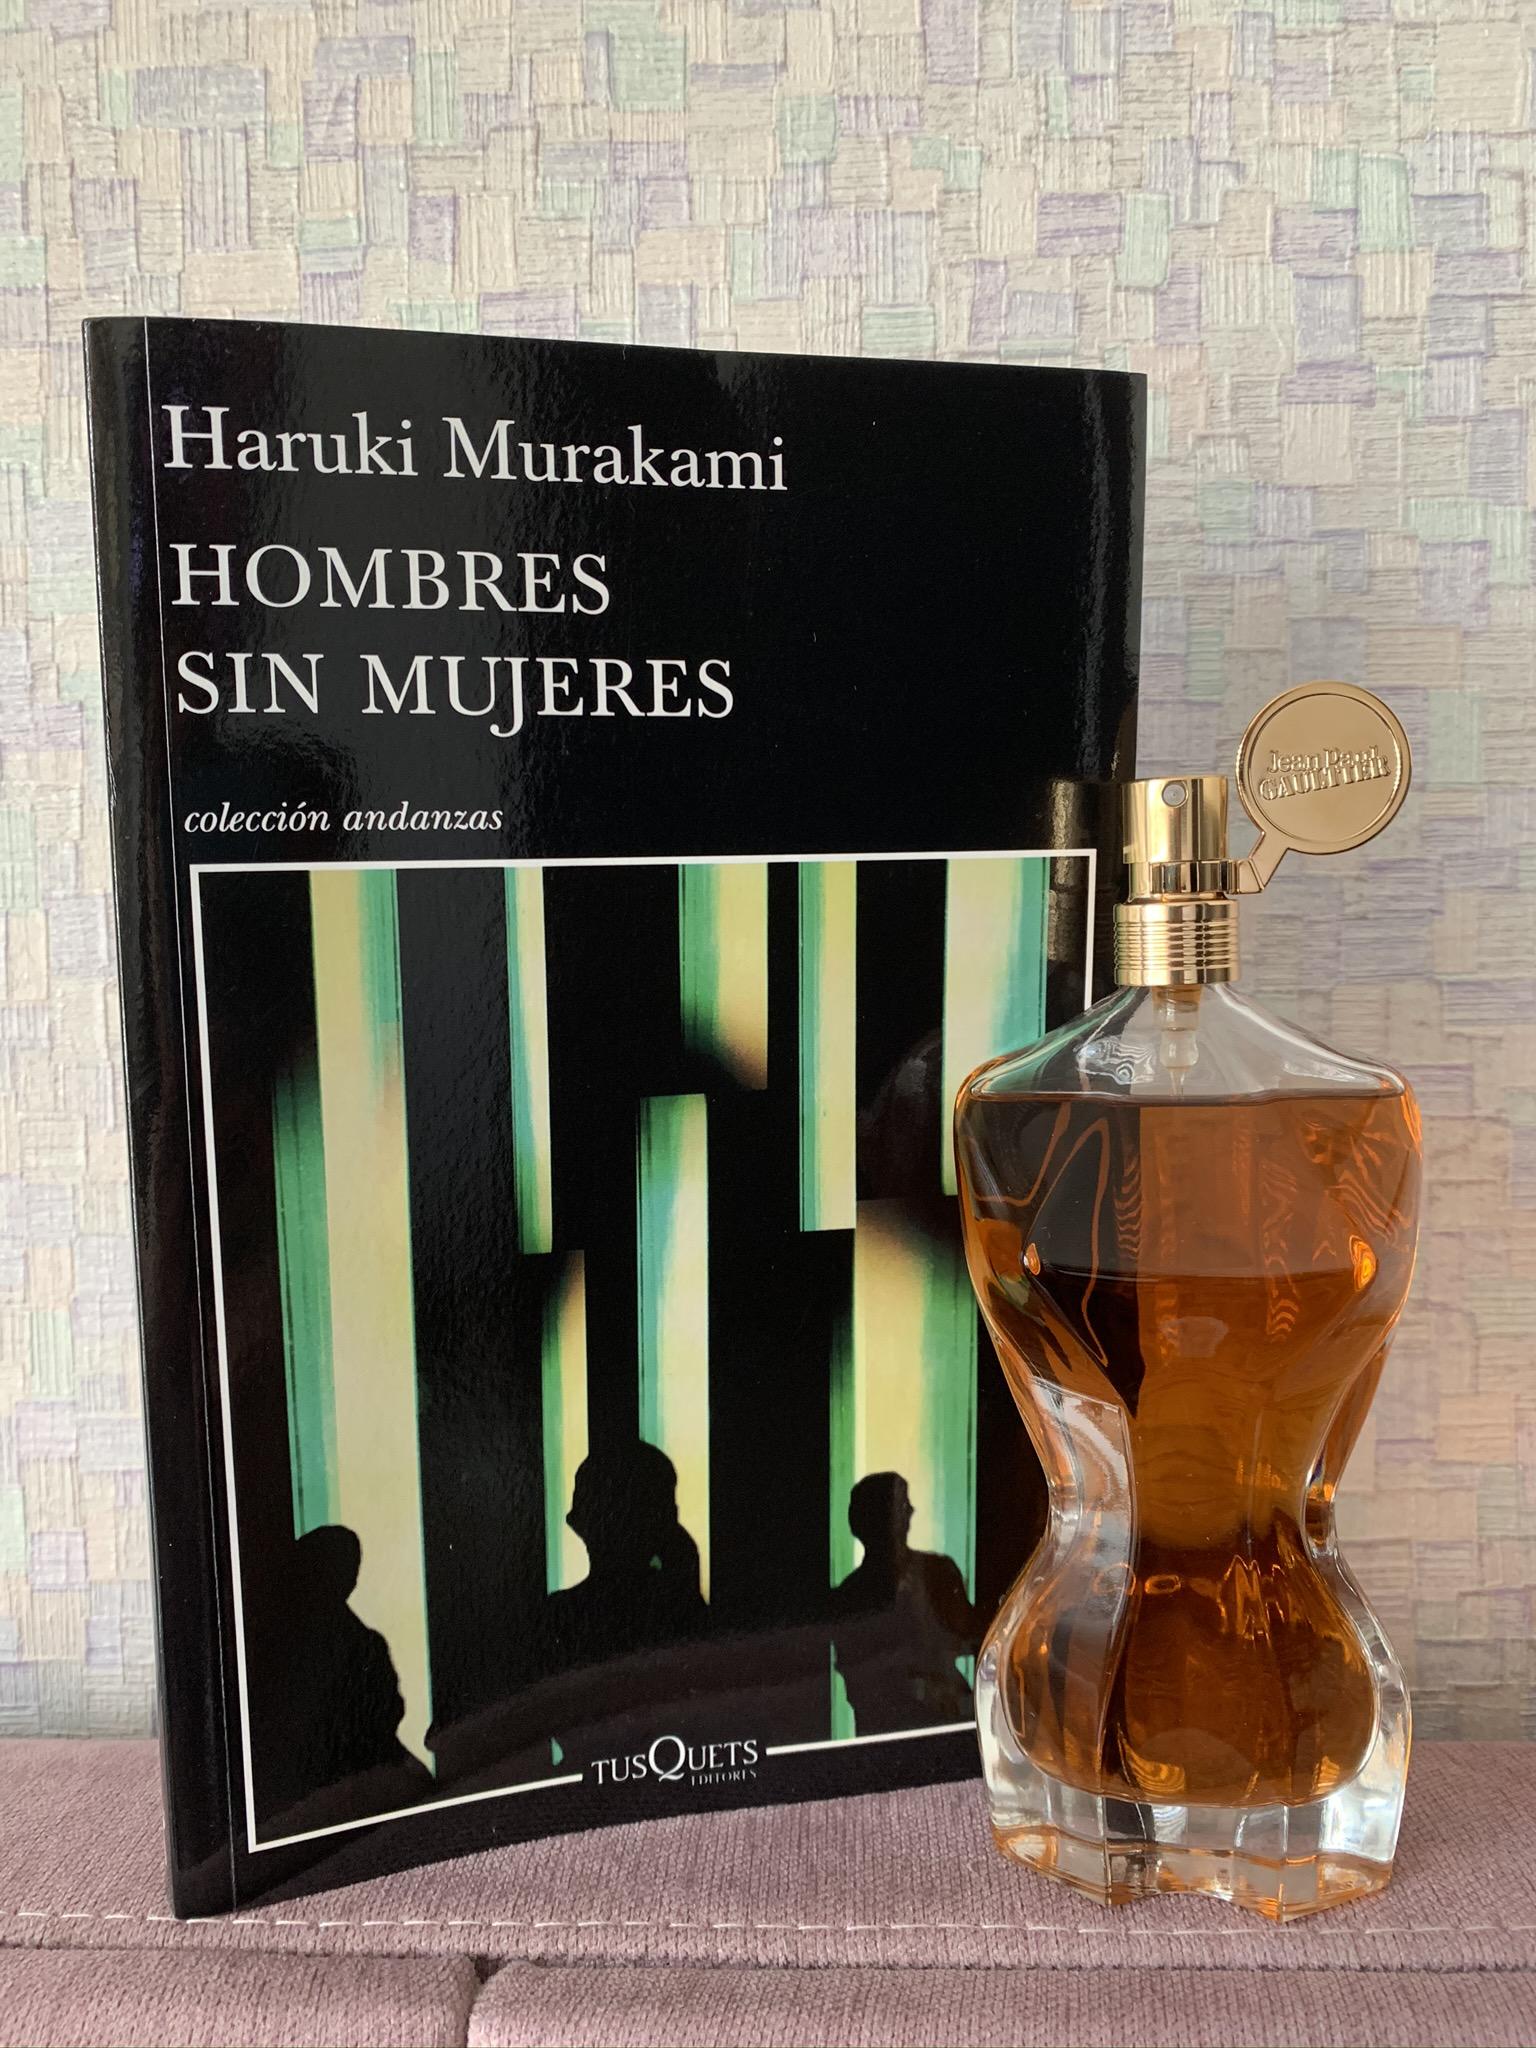 Libro Hombres sin mujeres de Haruki Murakami